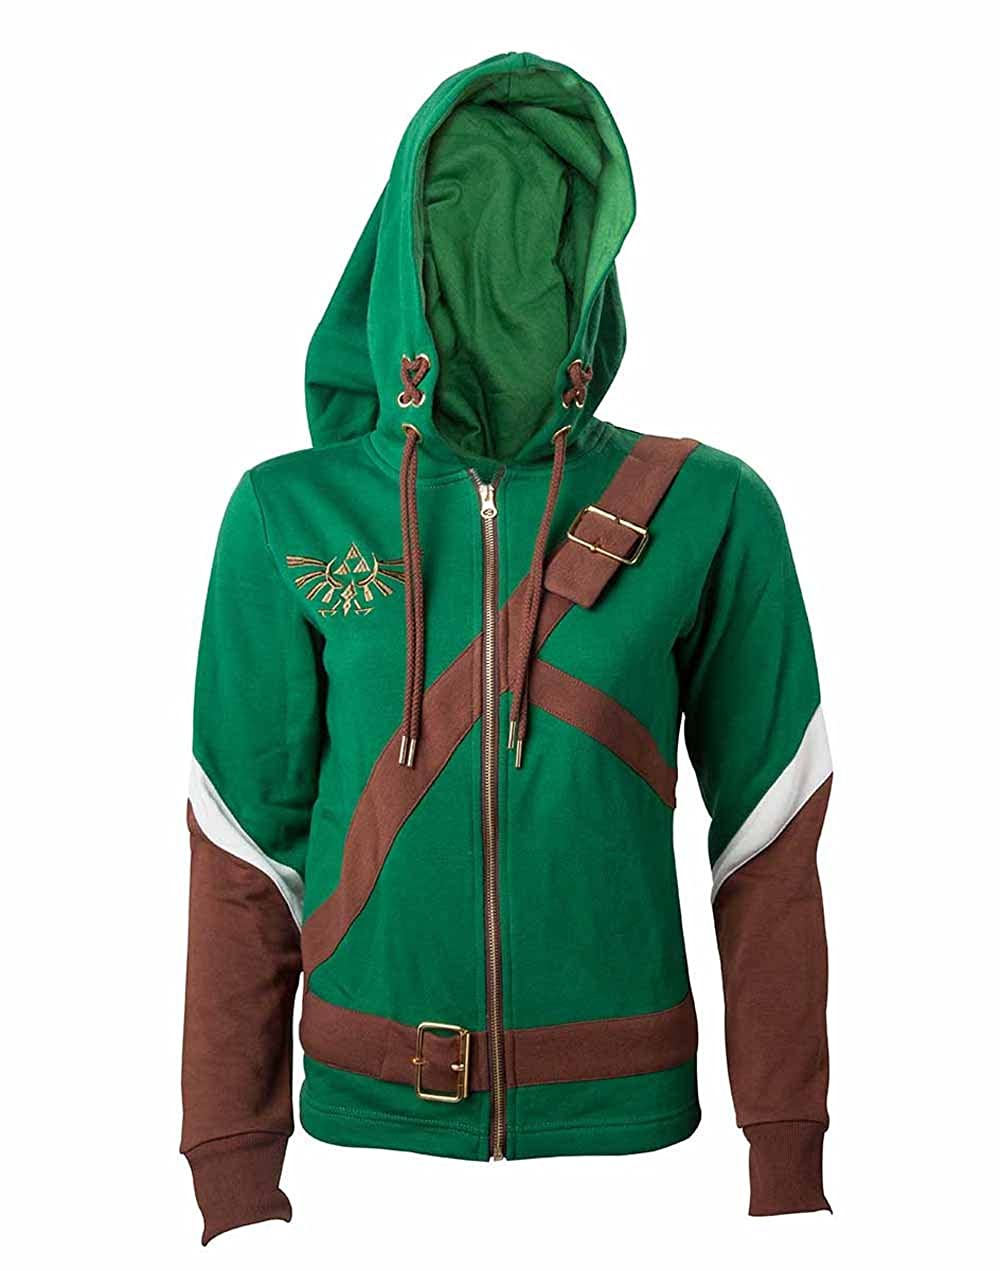 TALLA M. Oficial de mujeres de leyenda de Zelda Cosplay Link traje estilo sudadera con capucha